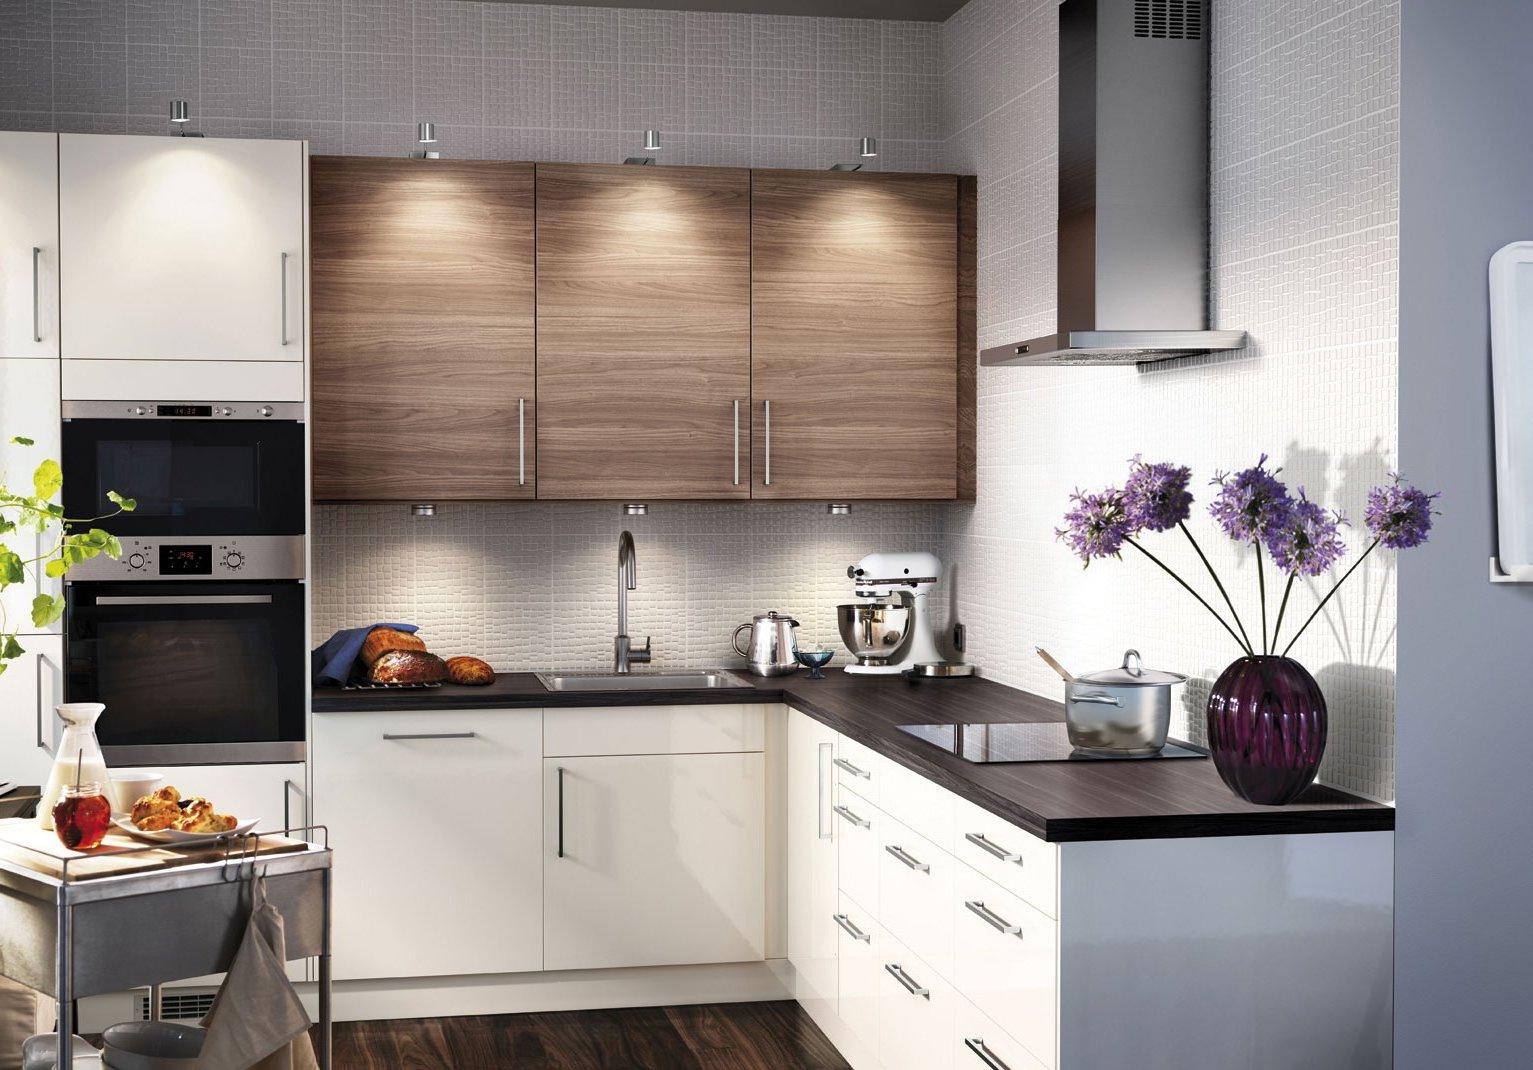 Mesas y sillas IKEA para la cocina (68 fotos): mesas de ...